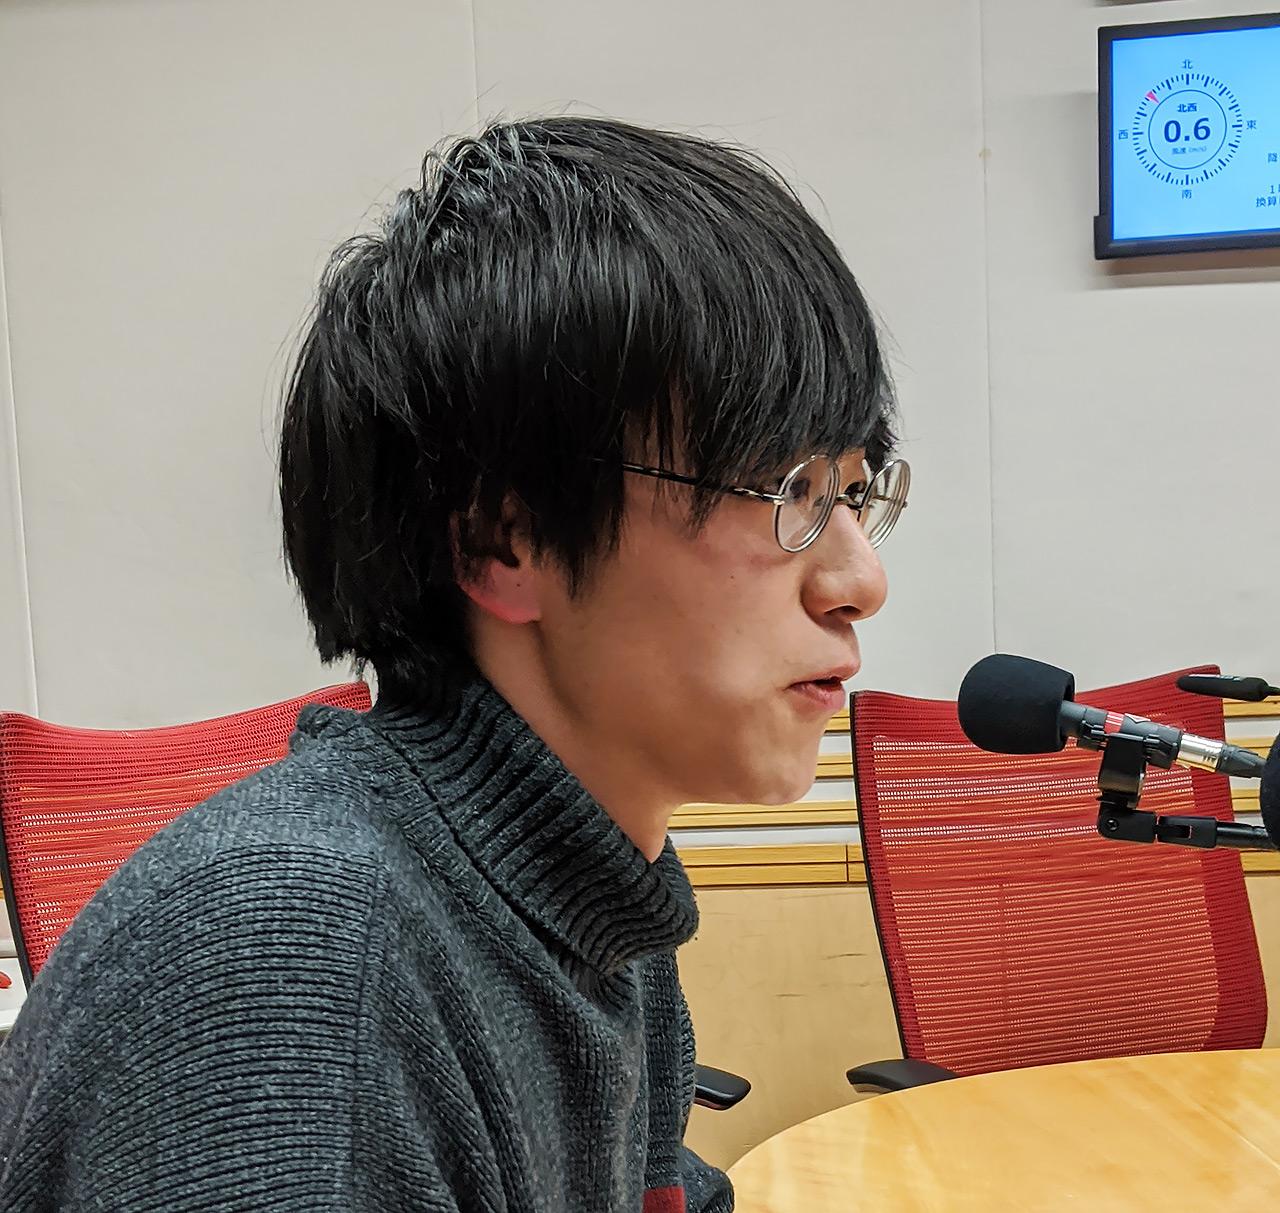 文化放送内のスタジオにて、イノカCEOの高倉葉太さん